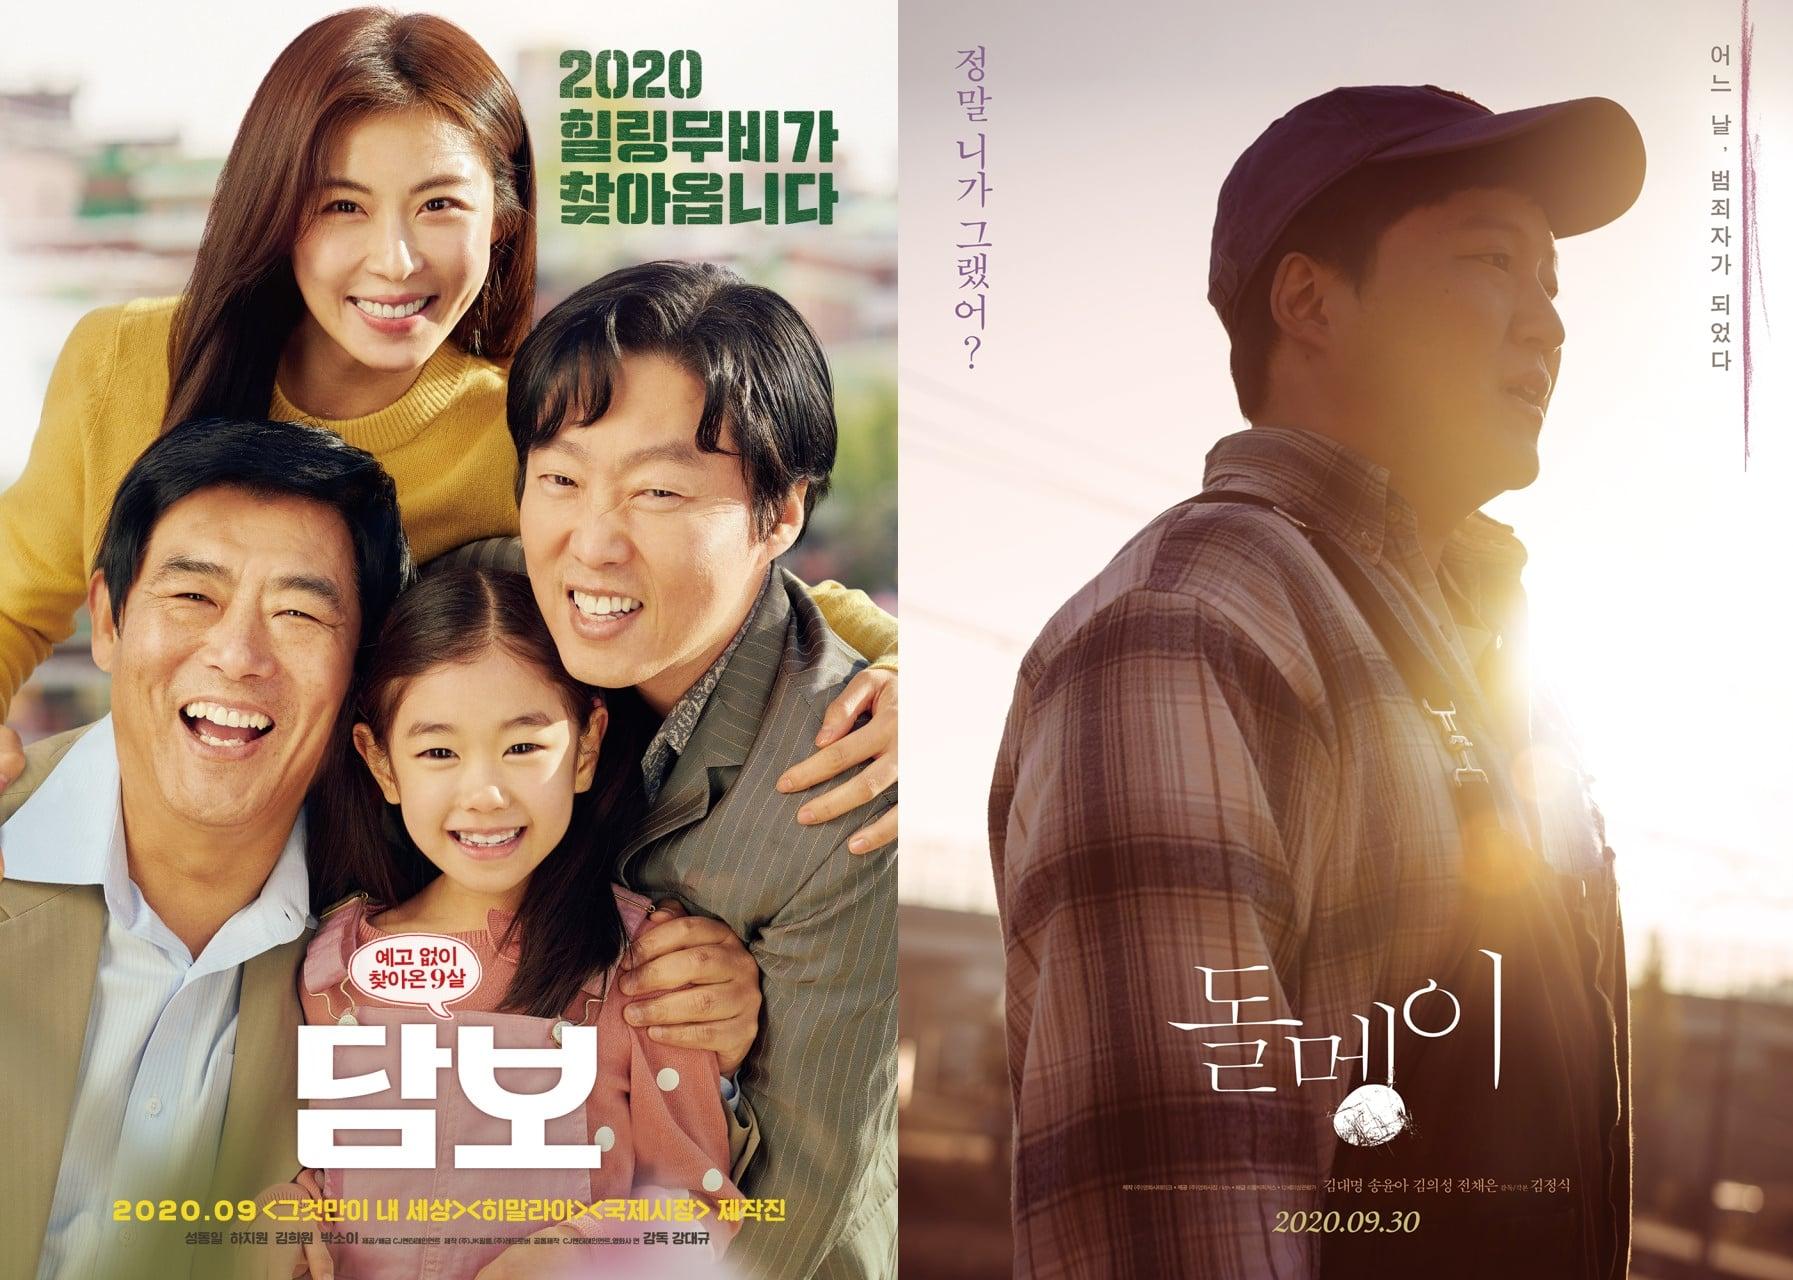 영화 '담보', '돌멩이' 포스터. 사진 CJ엔터테인먼트, (주)리틀빅픽처스